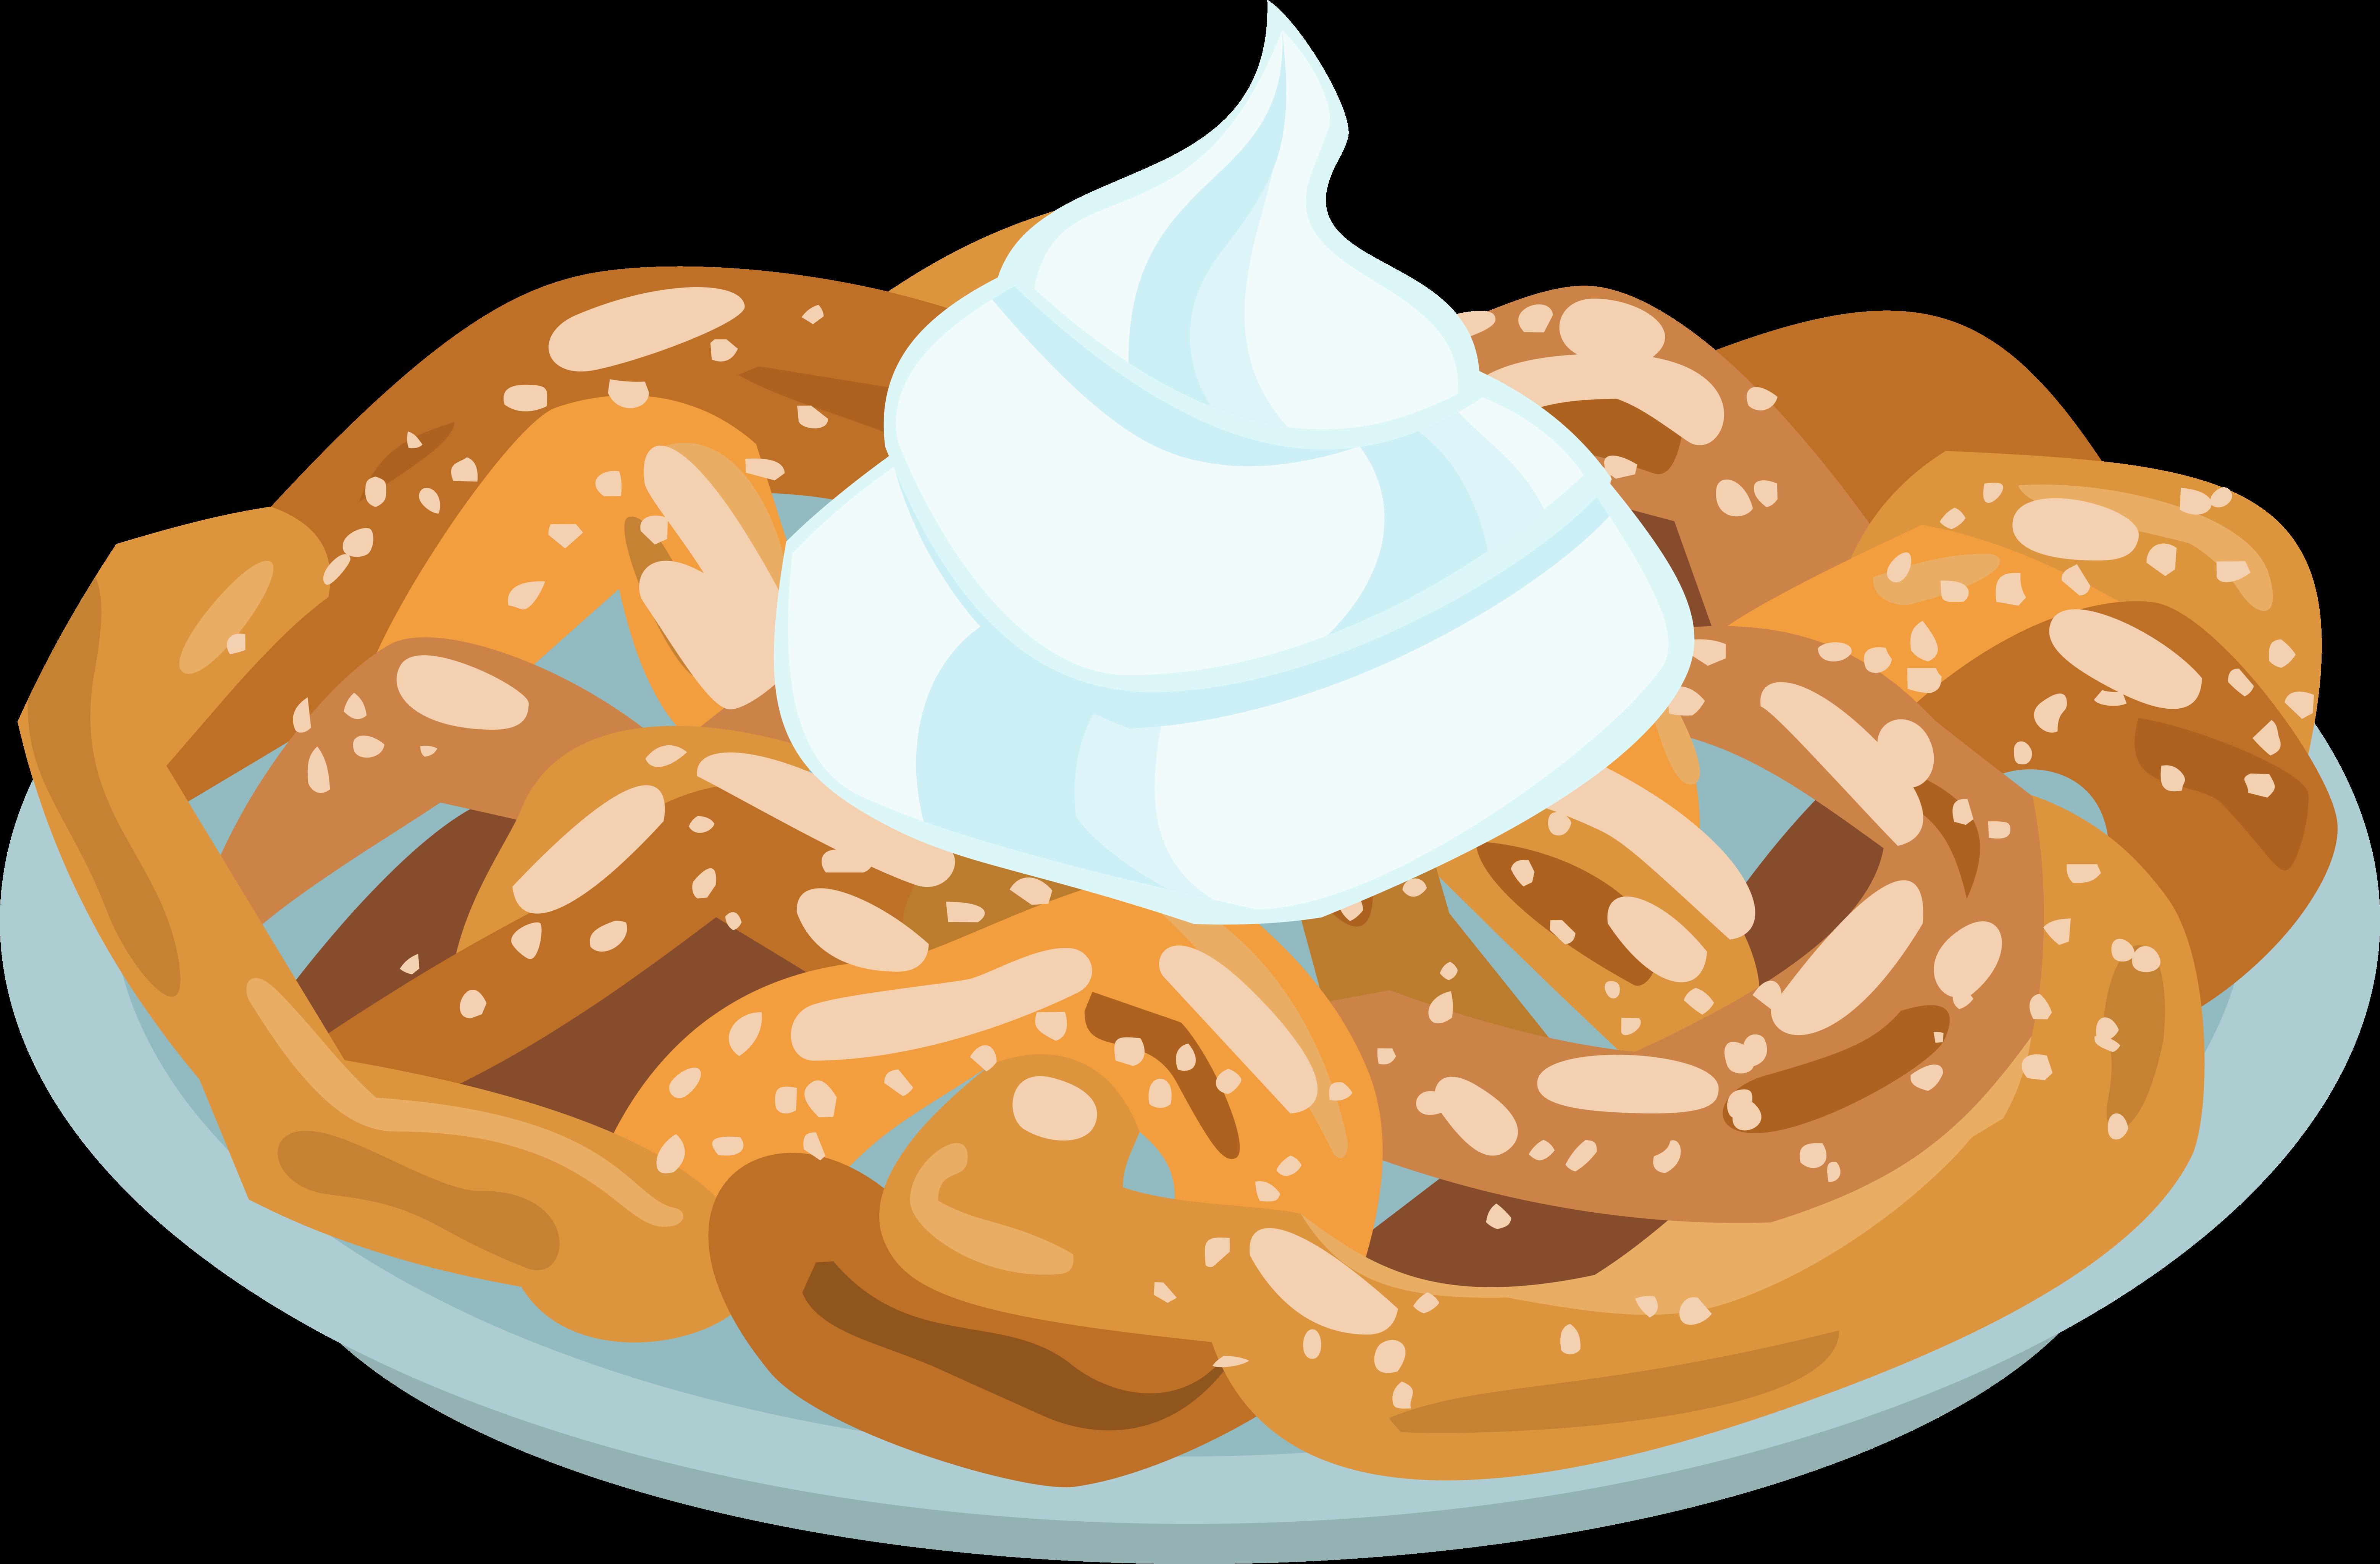 Dessert clipart fancy dessert. Mlp fim food and